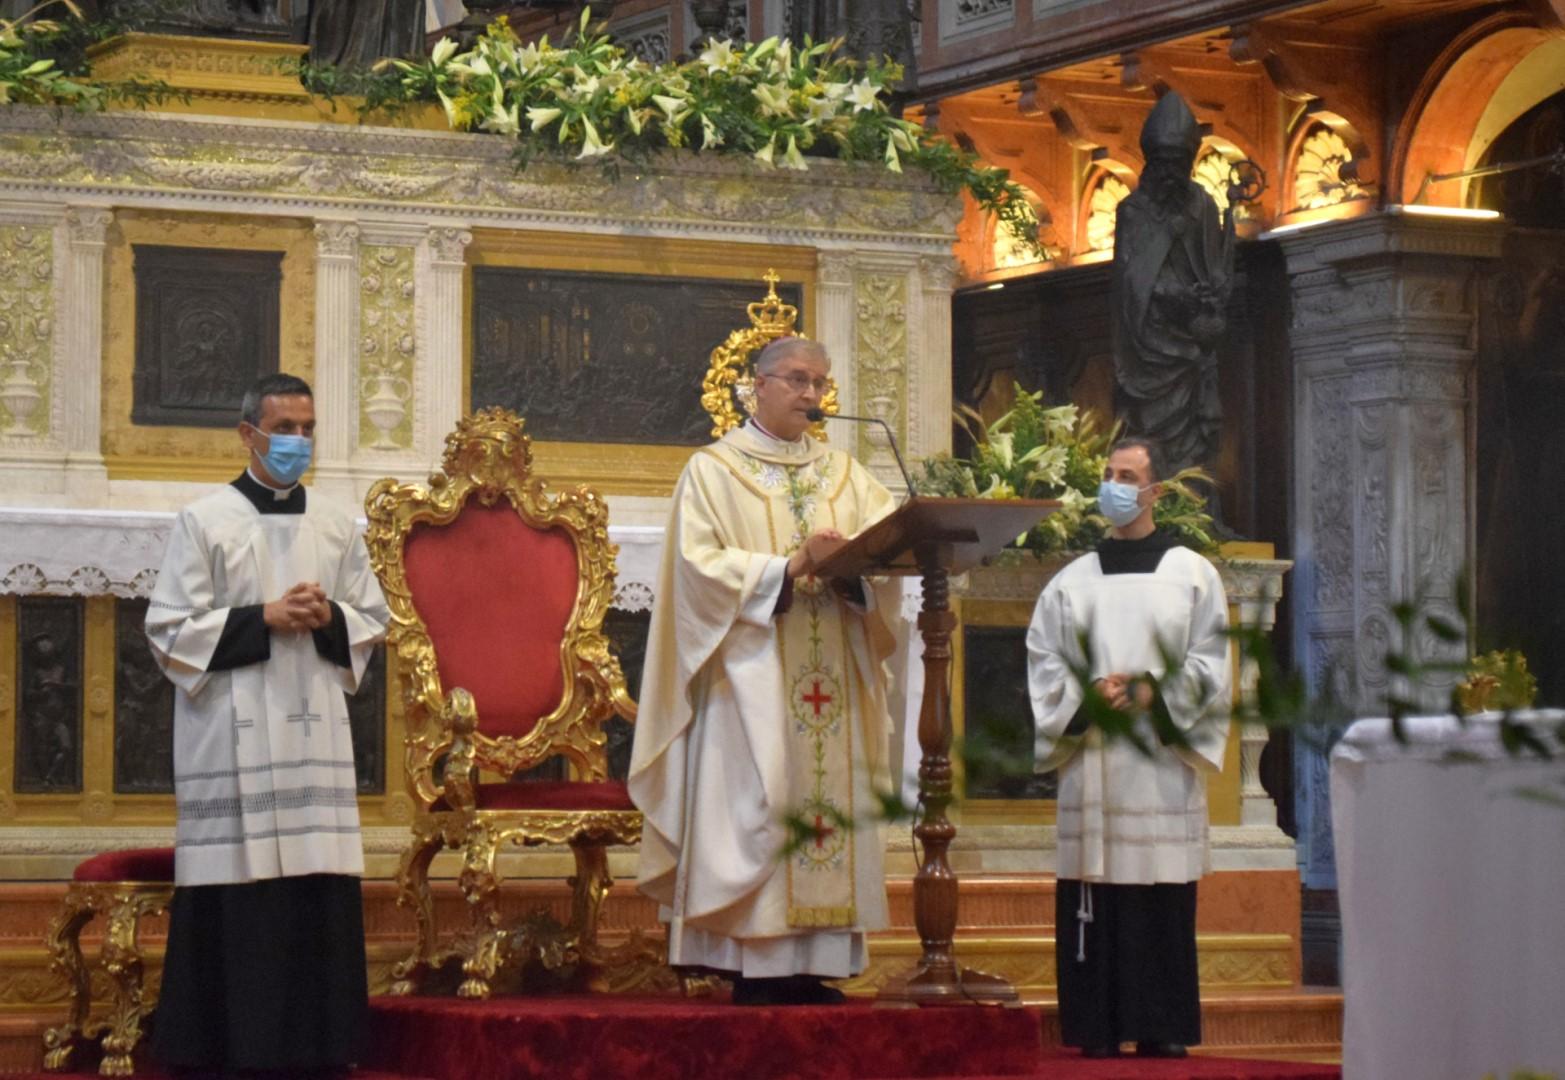 12 giugno 2020 Mons P. Tremolada Vescovo Brescia presiede Messa